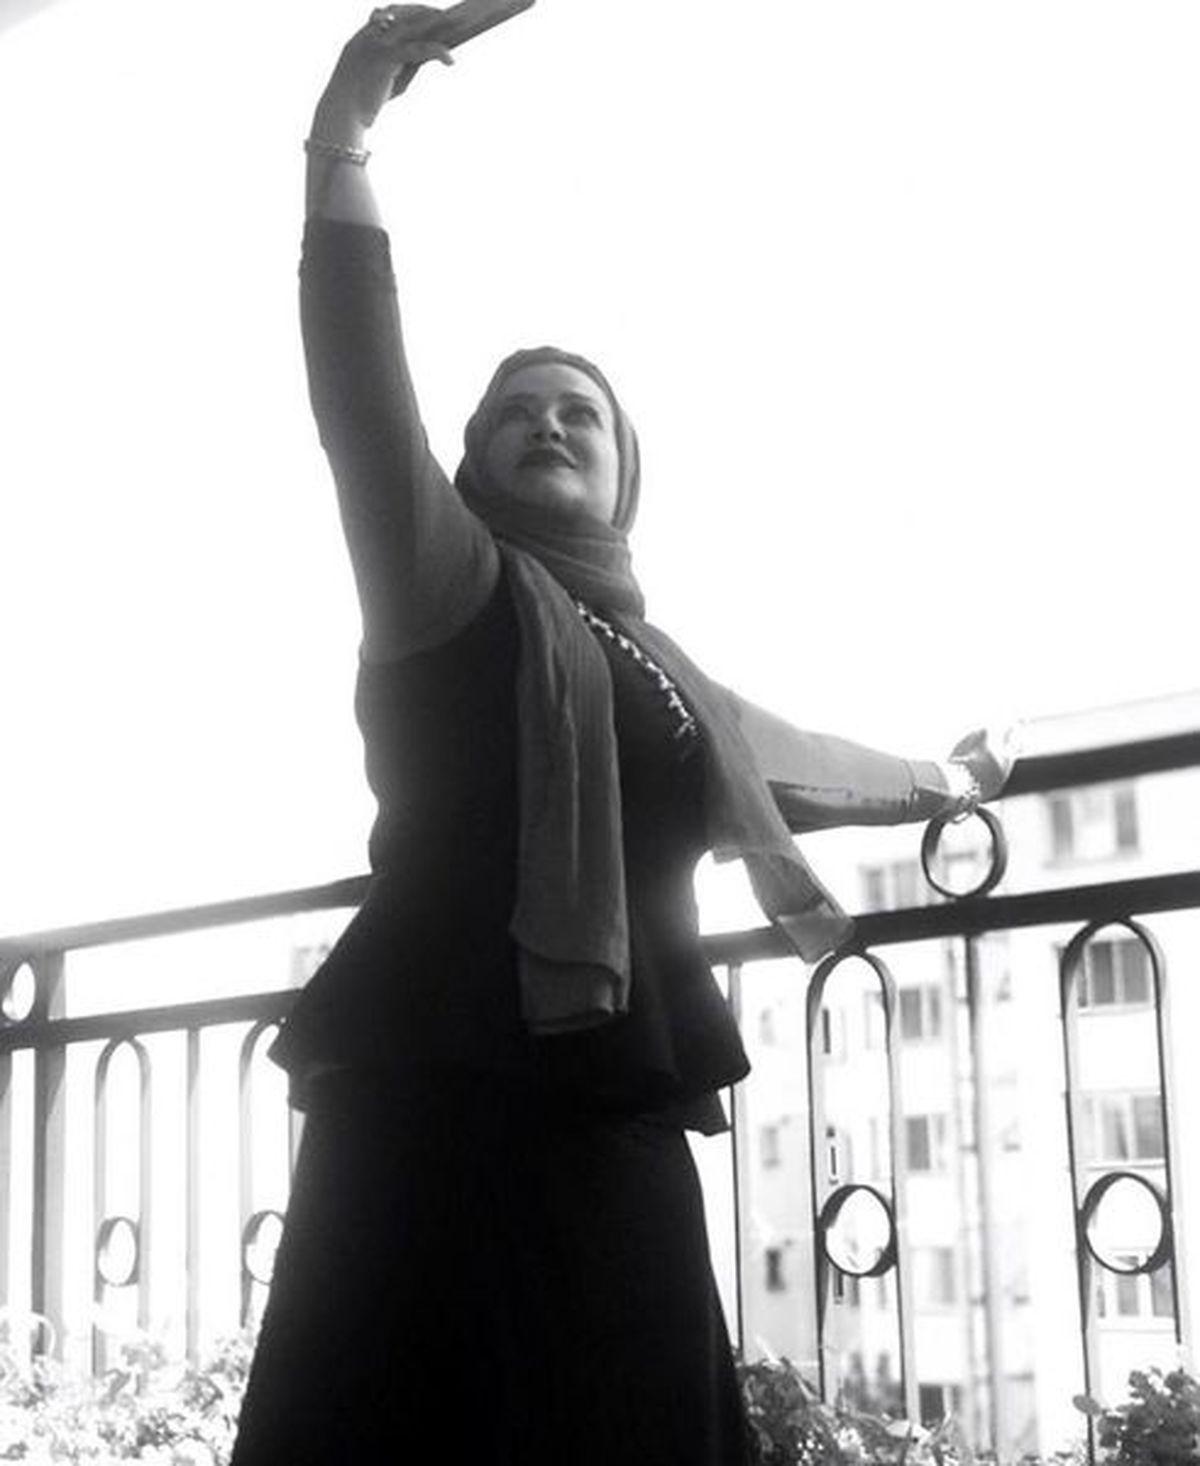 بولیز و دامن تنگ و چسبان بهاره رهنما + عکس